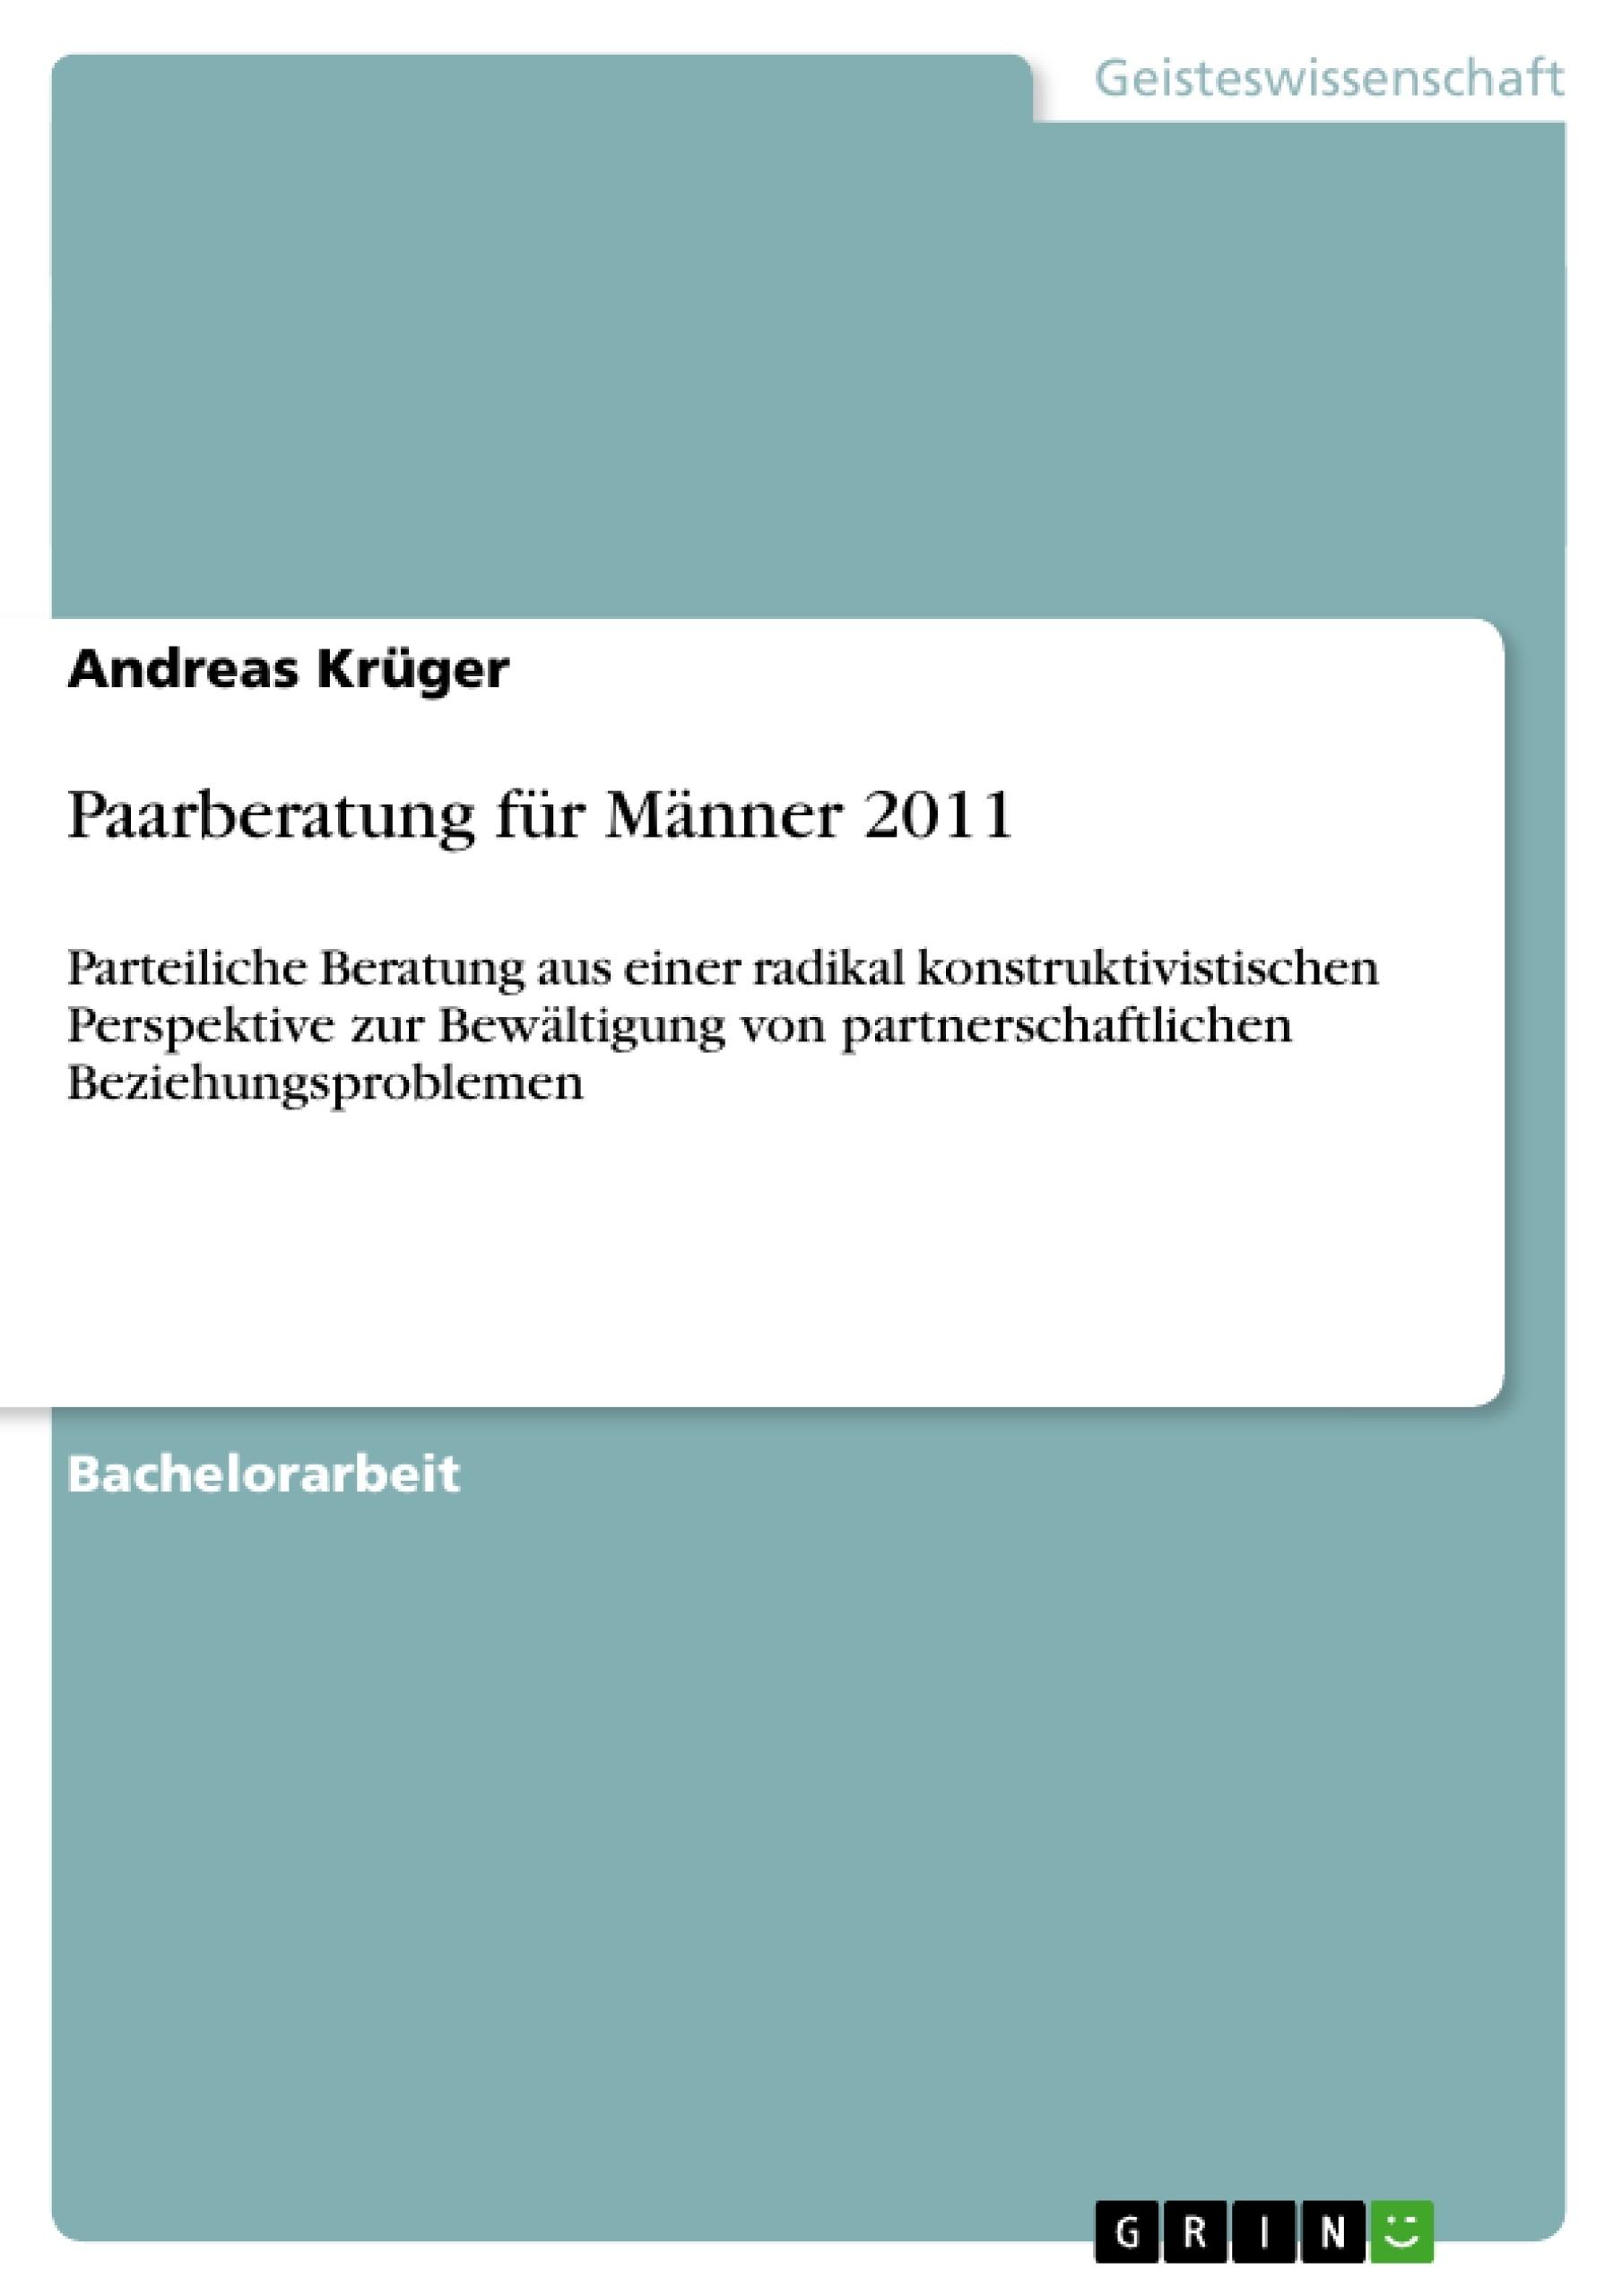 Titel: Paarberatung für Männer 2011